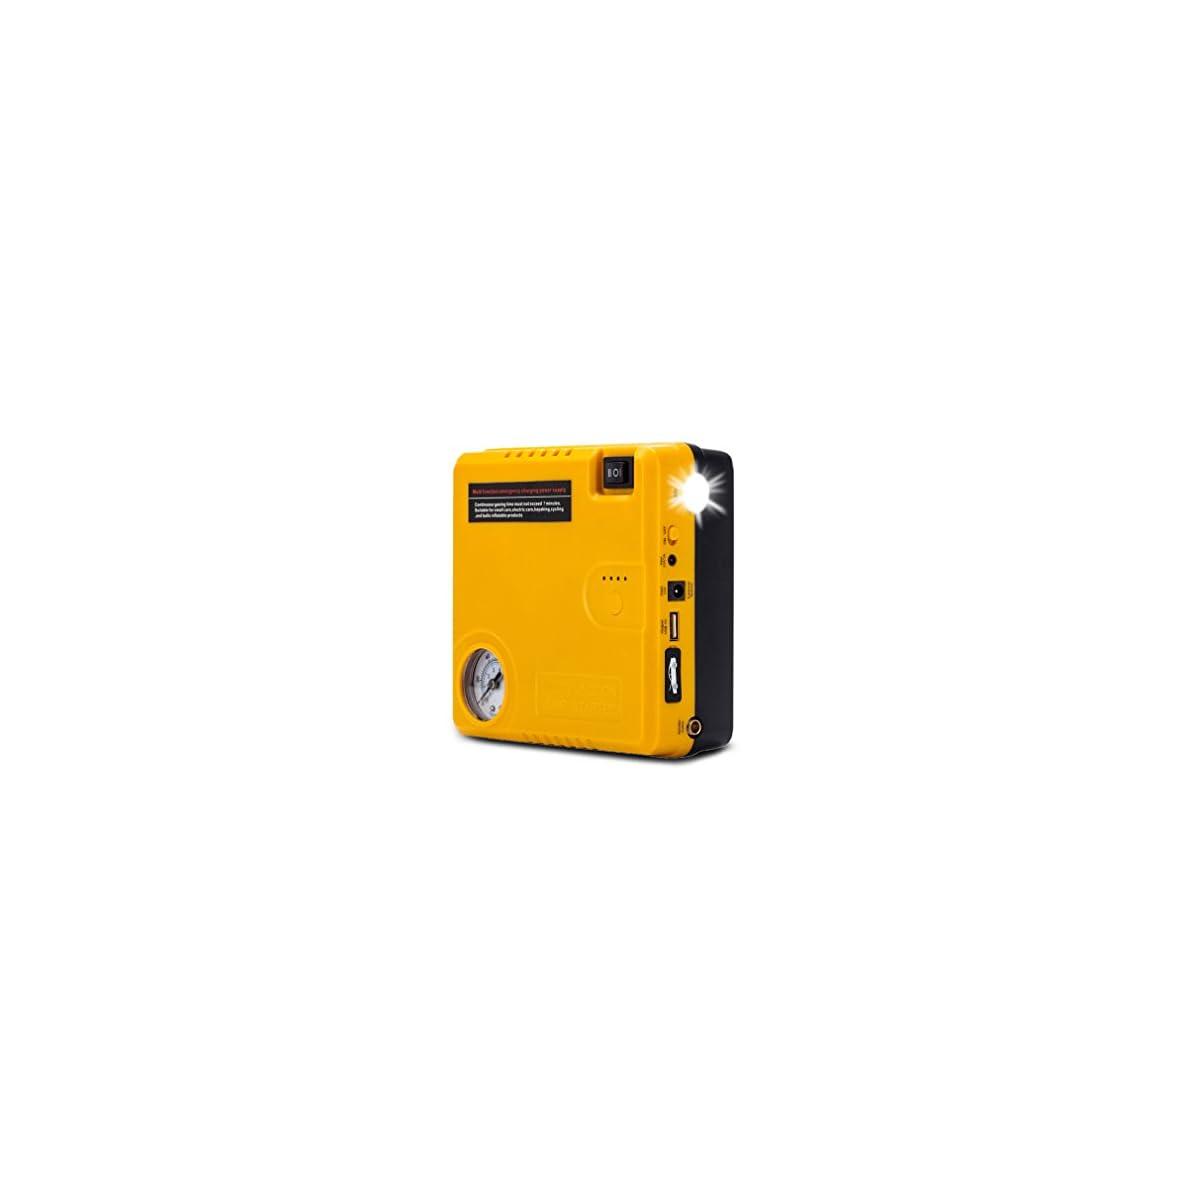 41zyP74h4mL. SS1200  - BAKTH Auto EPS Mini Multifuncional Portable 16800mAh Car Jump Starter con 400A pico de emergencia actual Banco de energía de arranque Cargador de batería externa con linterna LED Para coche de inicio de teléfono Tablet iPad Cámaras digitales Videocámara y más